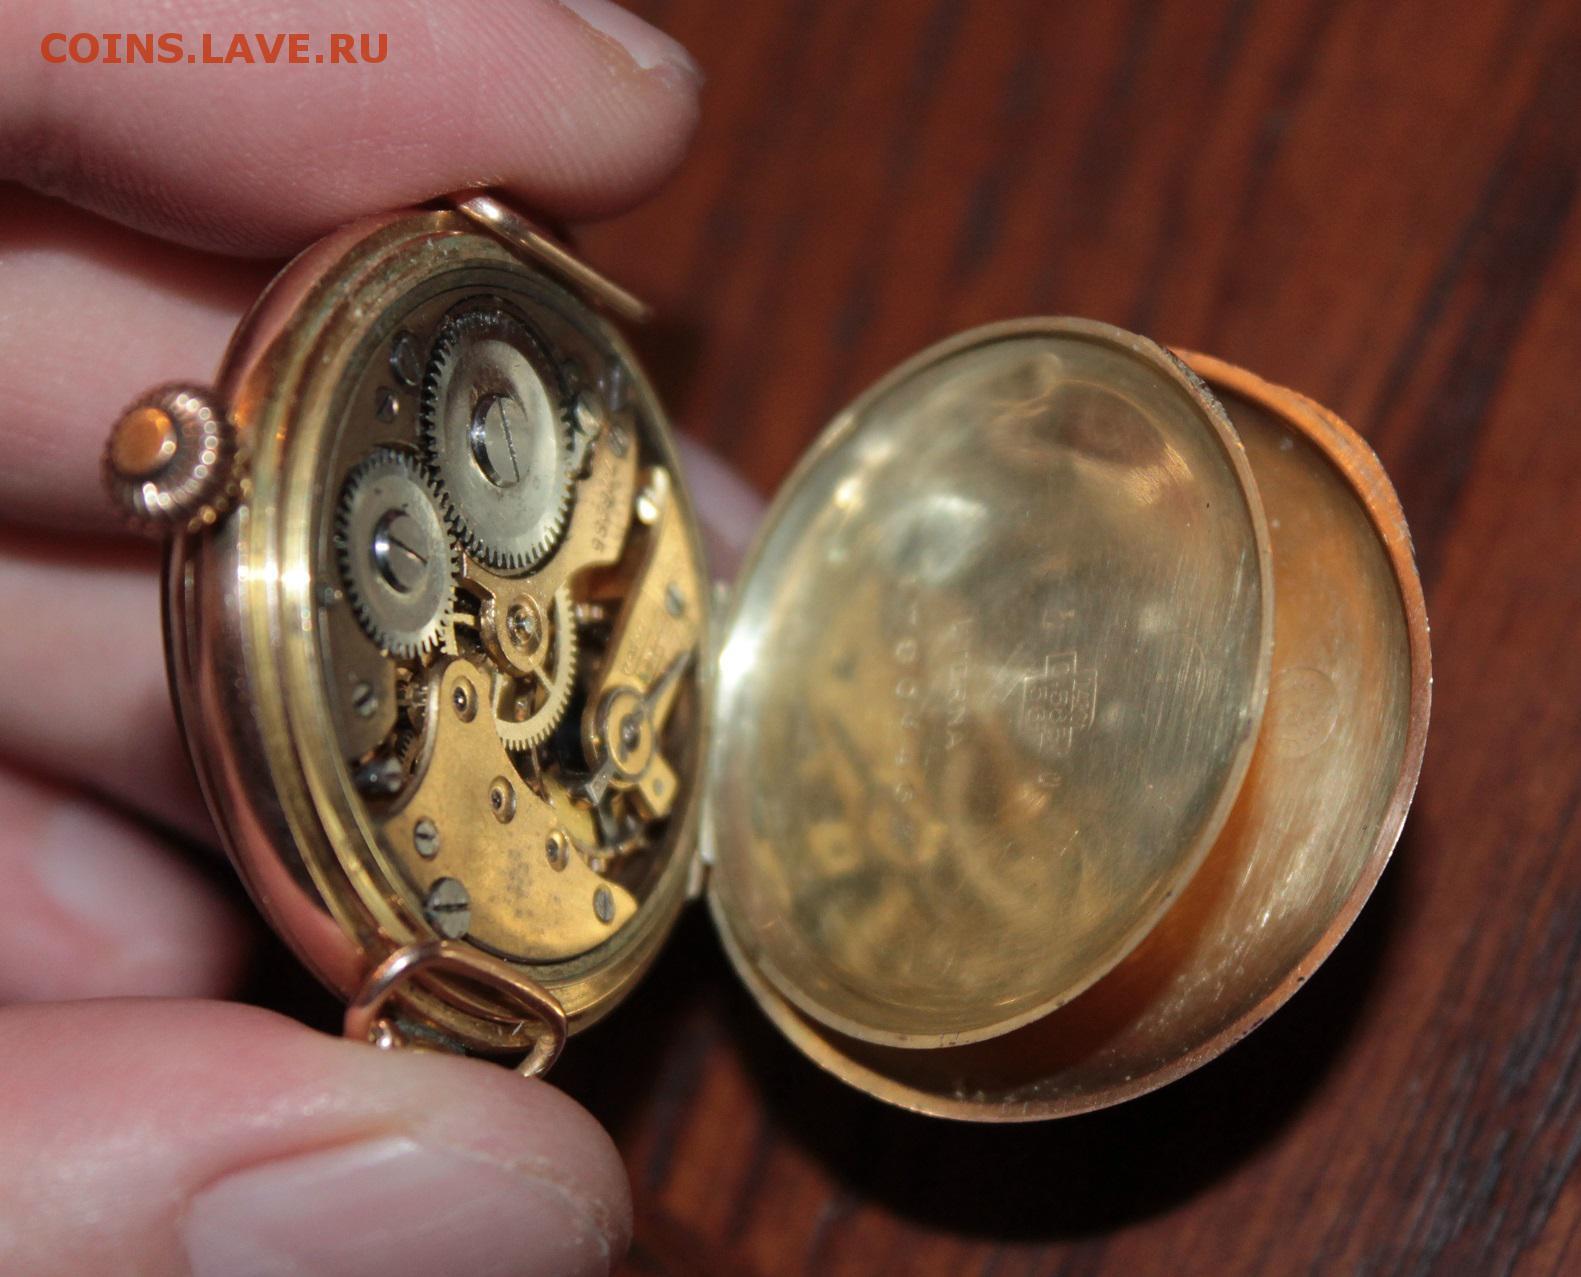 Золотых часов старинных стоимость час стоимость один аренды на клуба